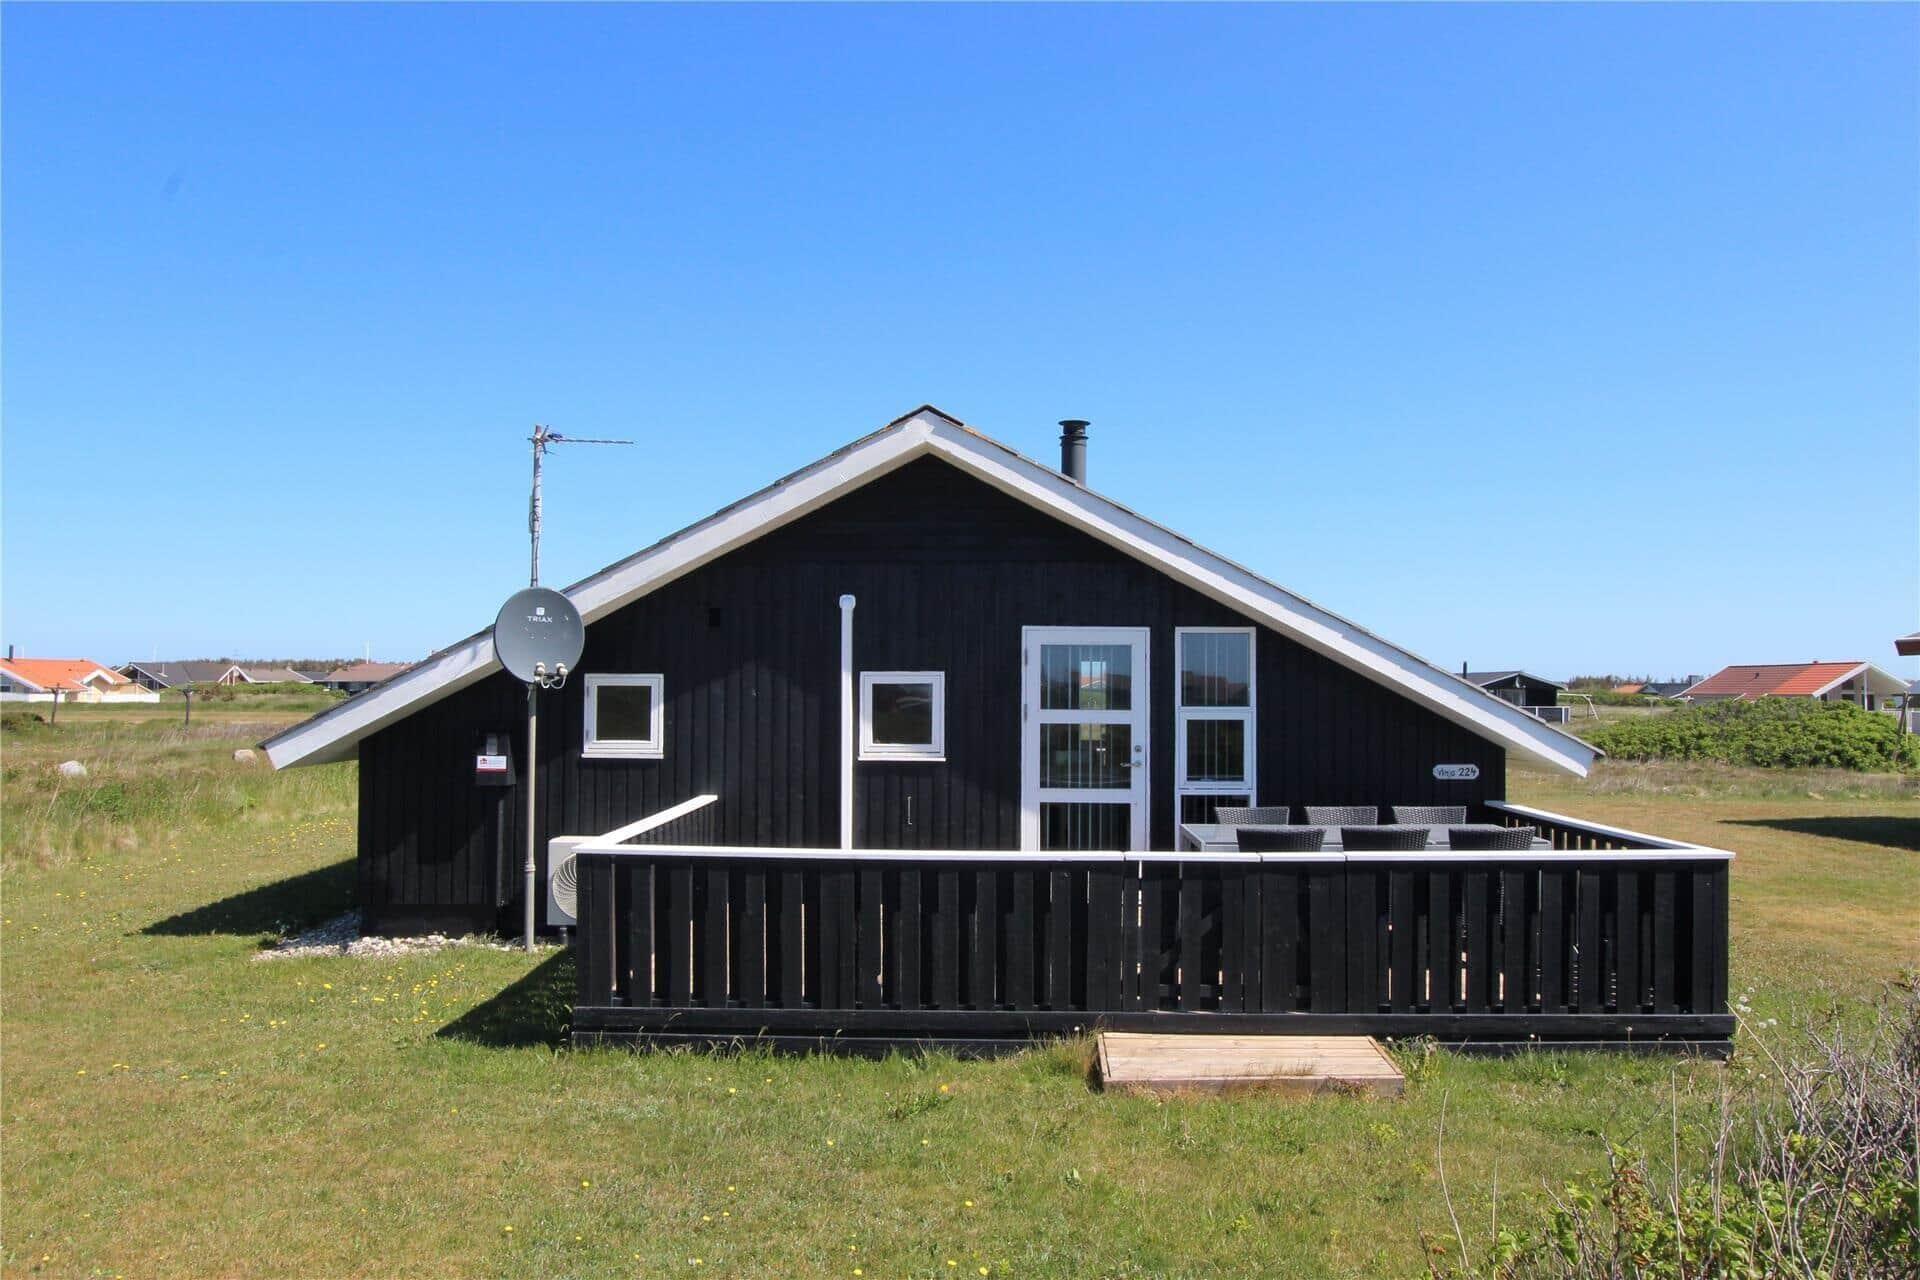 Billede 1-20 Sommerhus 117, Neerlandiavej 224, DK - 7673 Harboøre